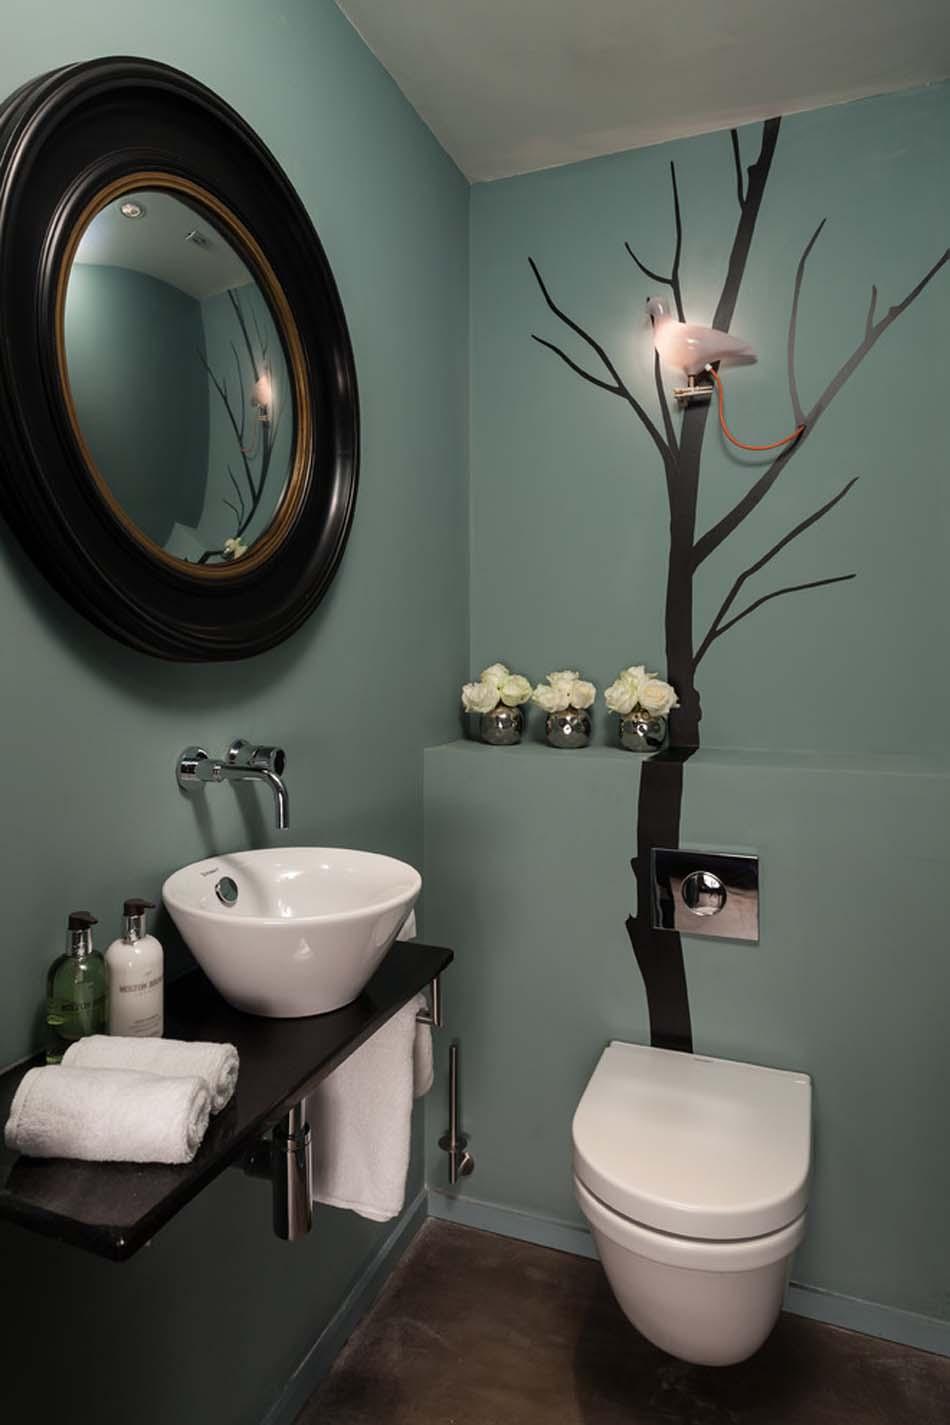 organisation décoration murale toilettes